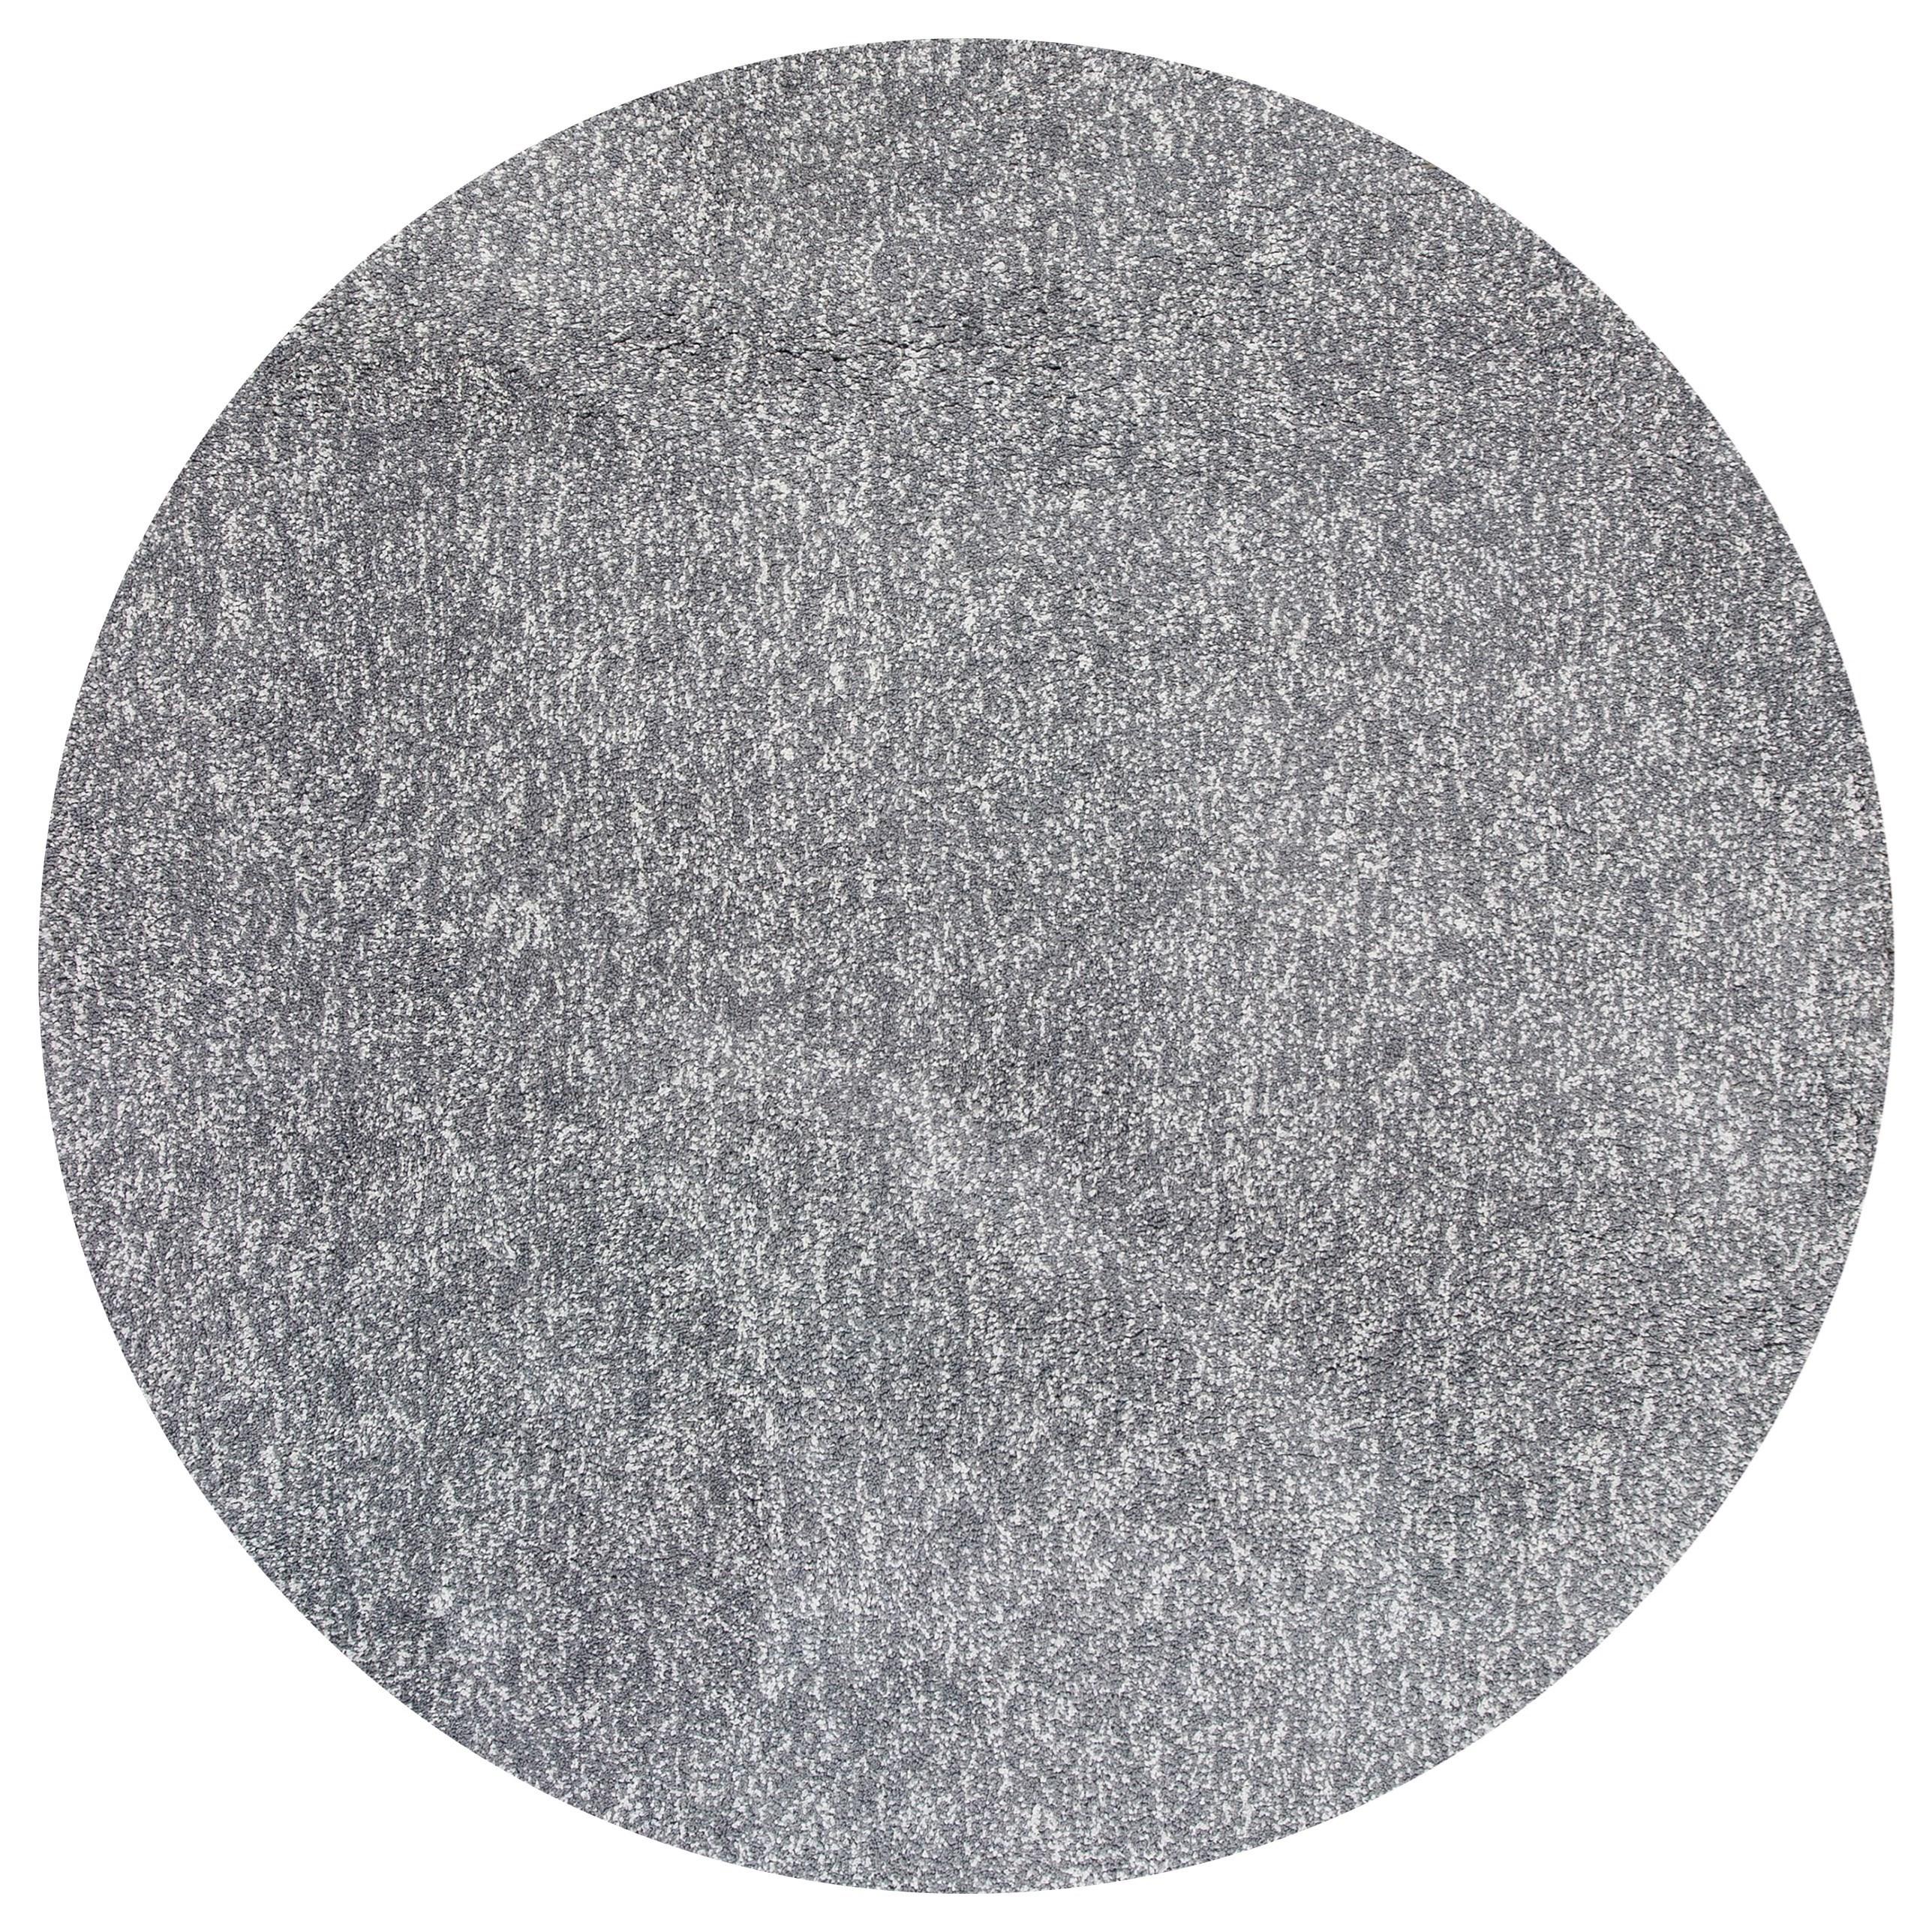 6' X 6' Grey Heather Shag Area Rug